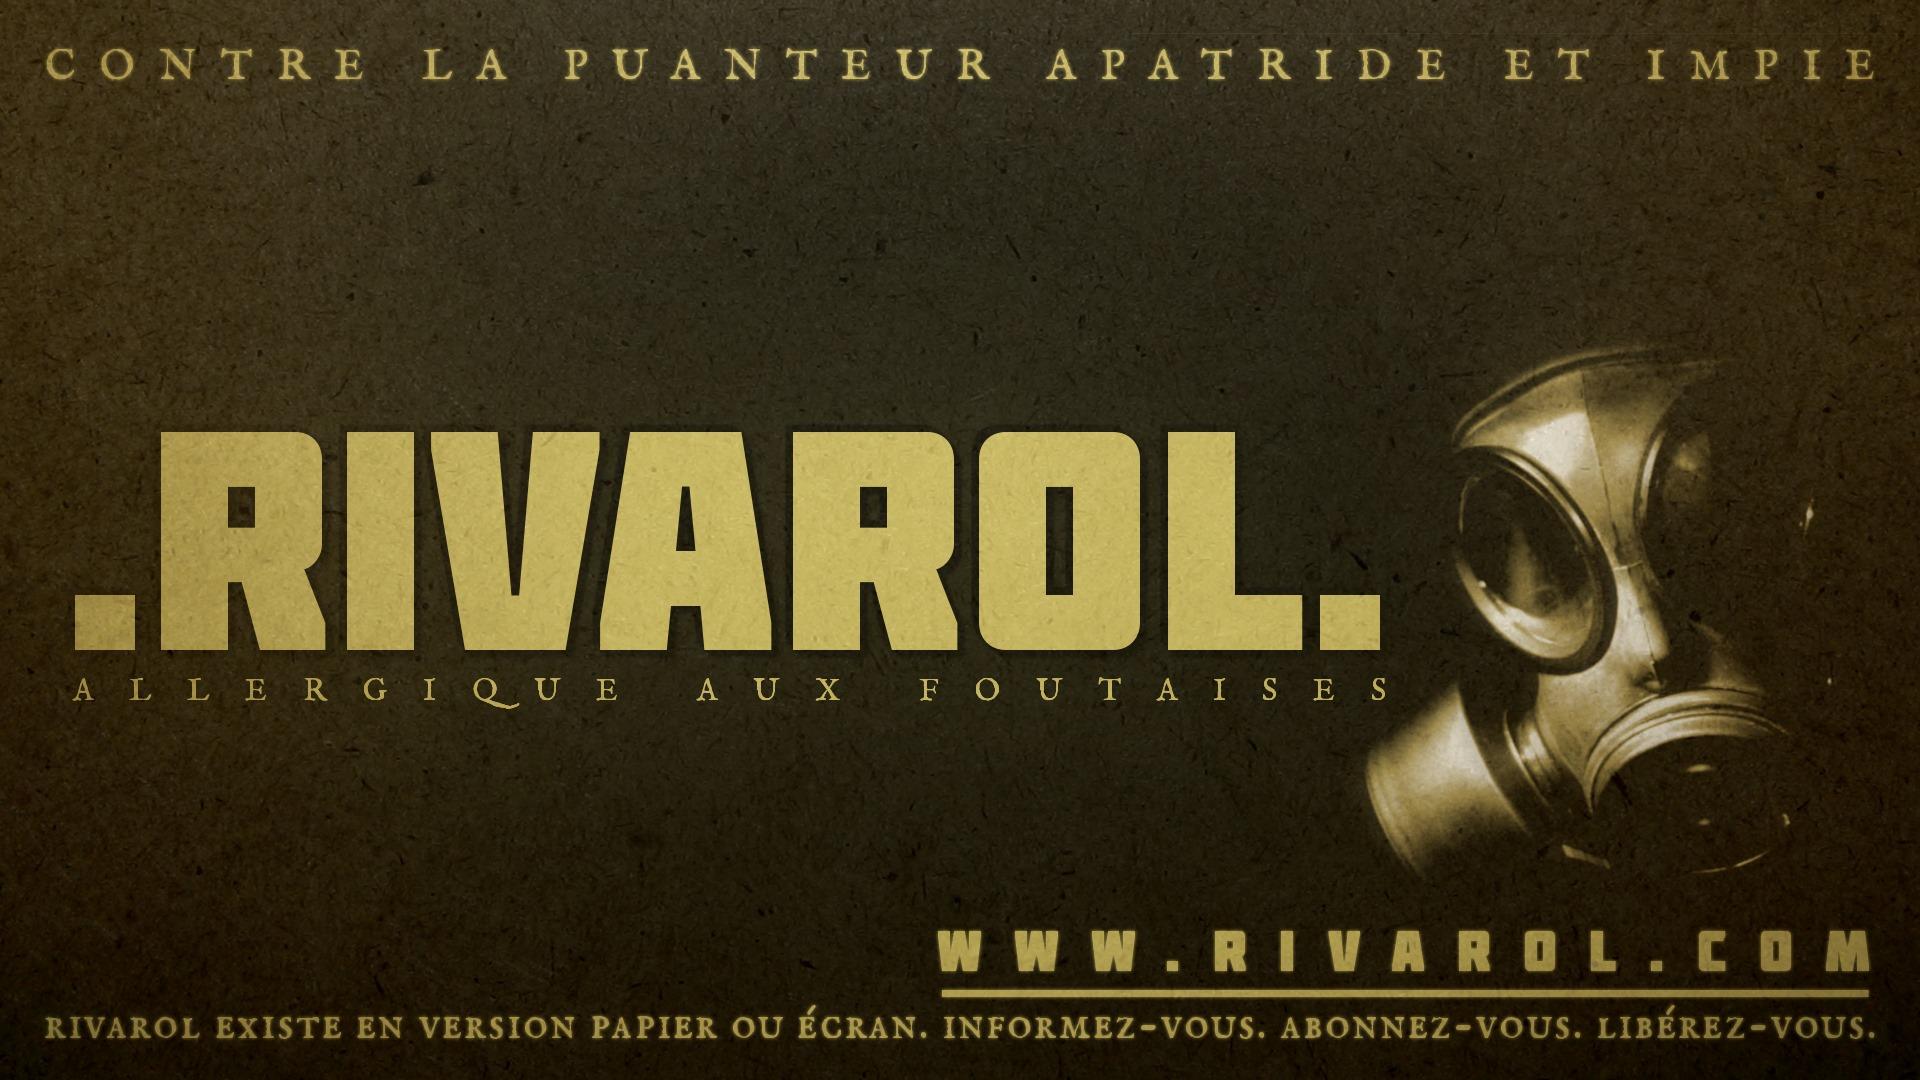 'Leur régime tyrannique est l'exact opposé de la France du Maréchal' - éditorial d'été de Rivarol